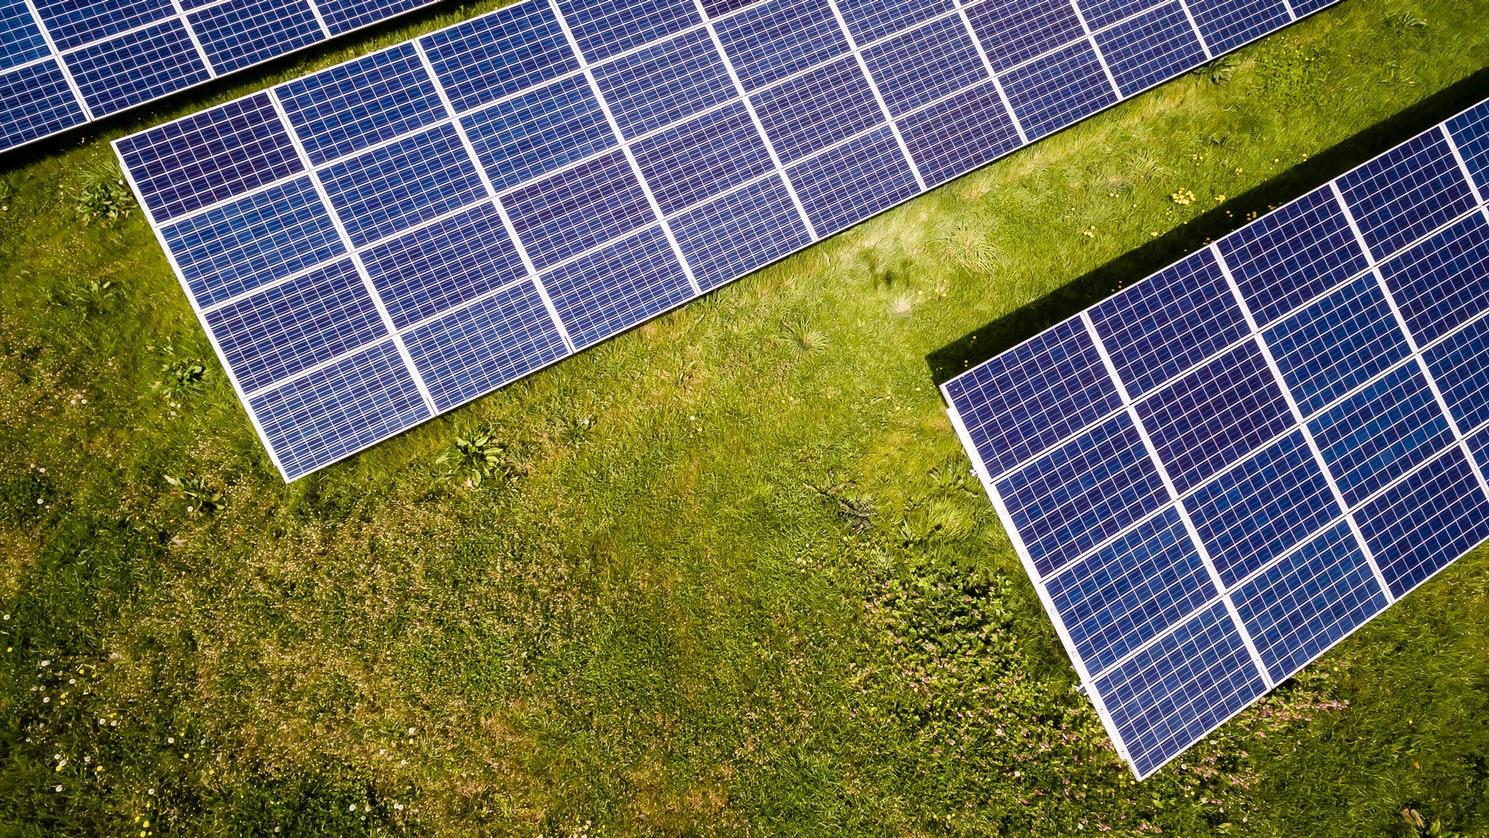 Schema Quadro Elettrico Per Fotovoltaico : Come funziona lo schema dell impianto fotovoltaico